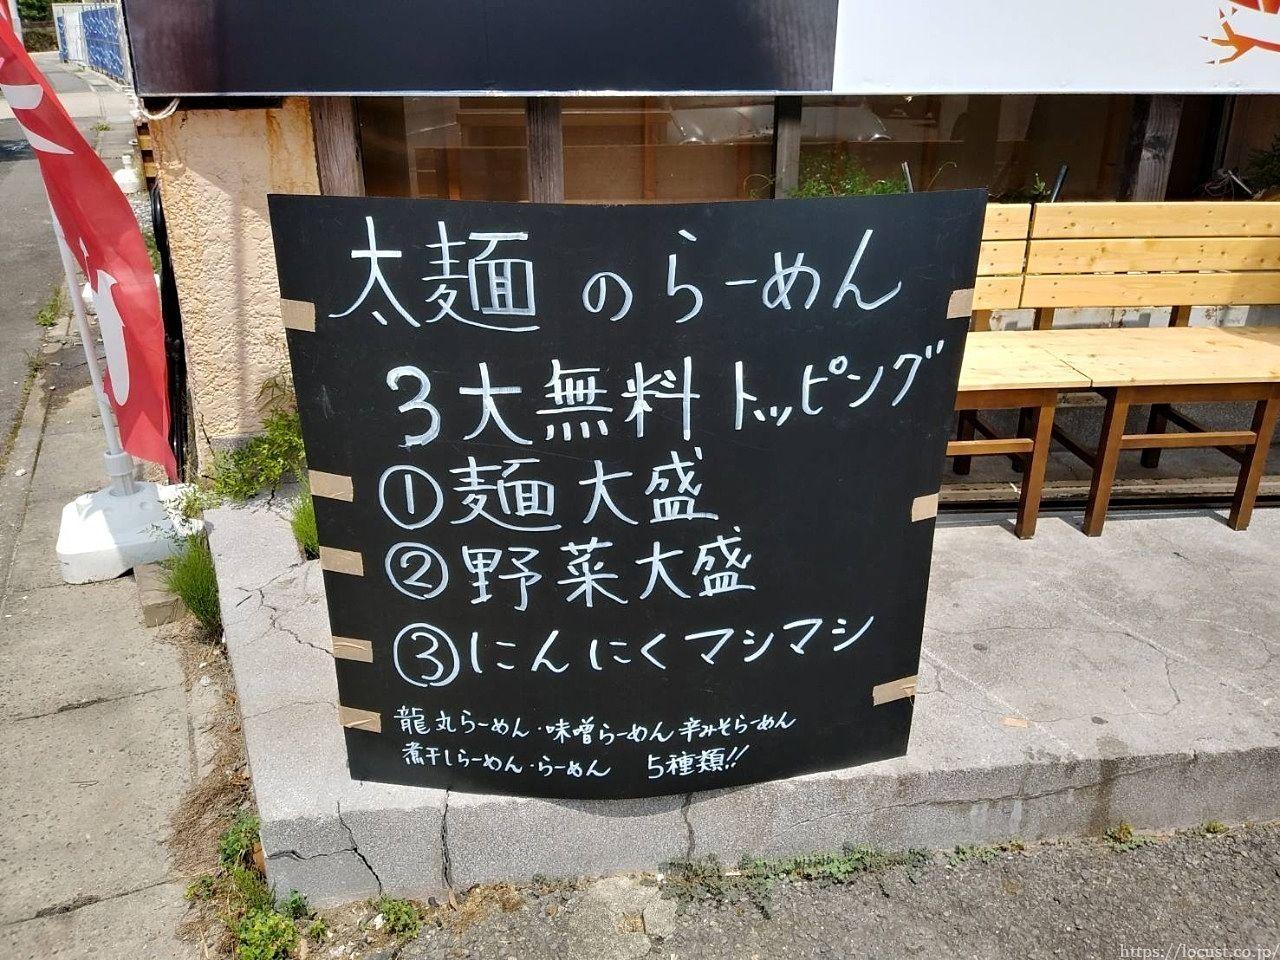 5種類の太麺らーめんだけに許されるサービスです!